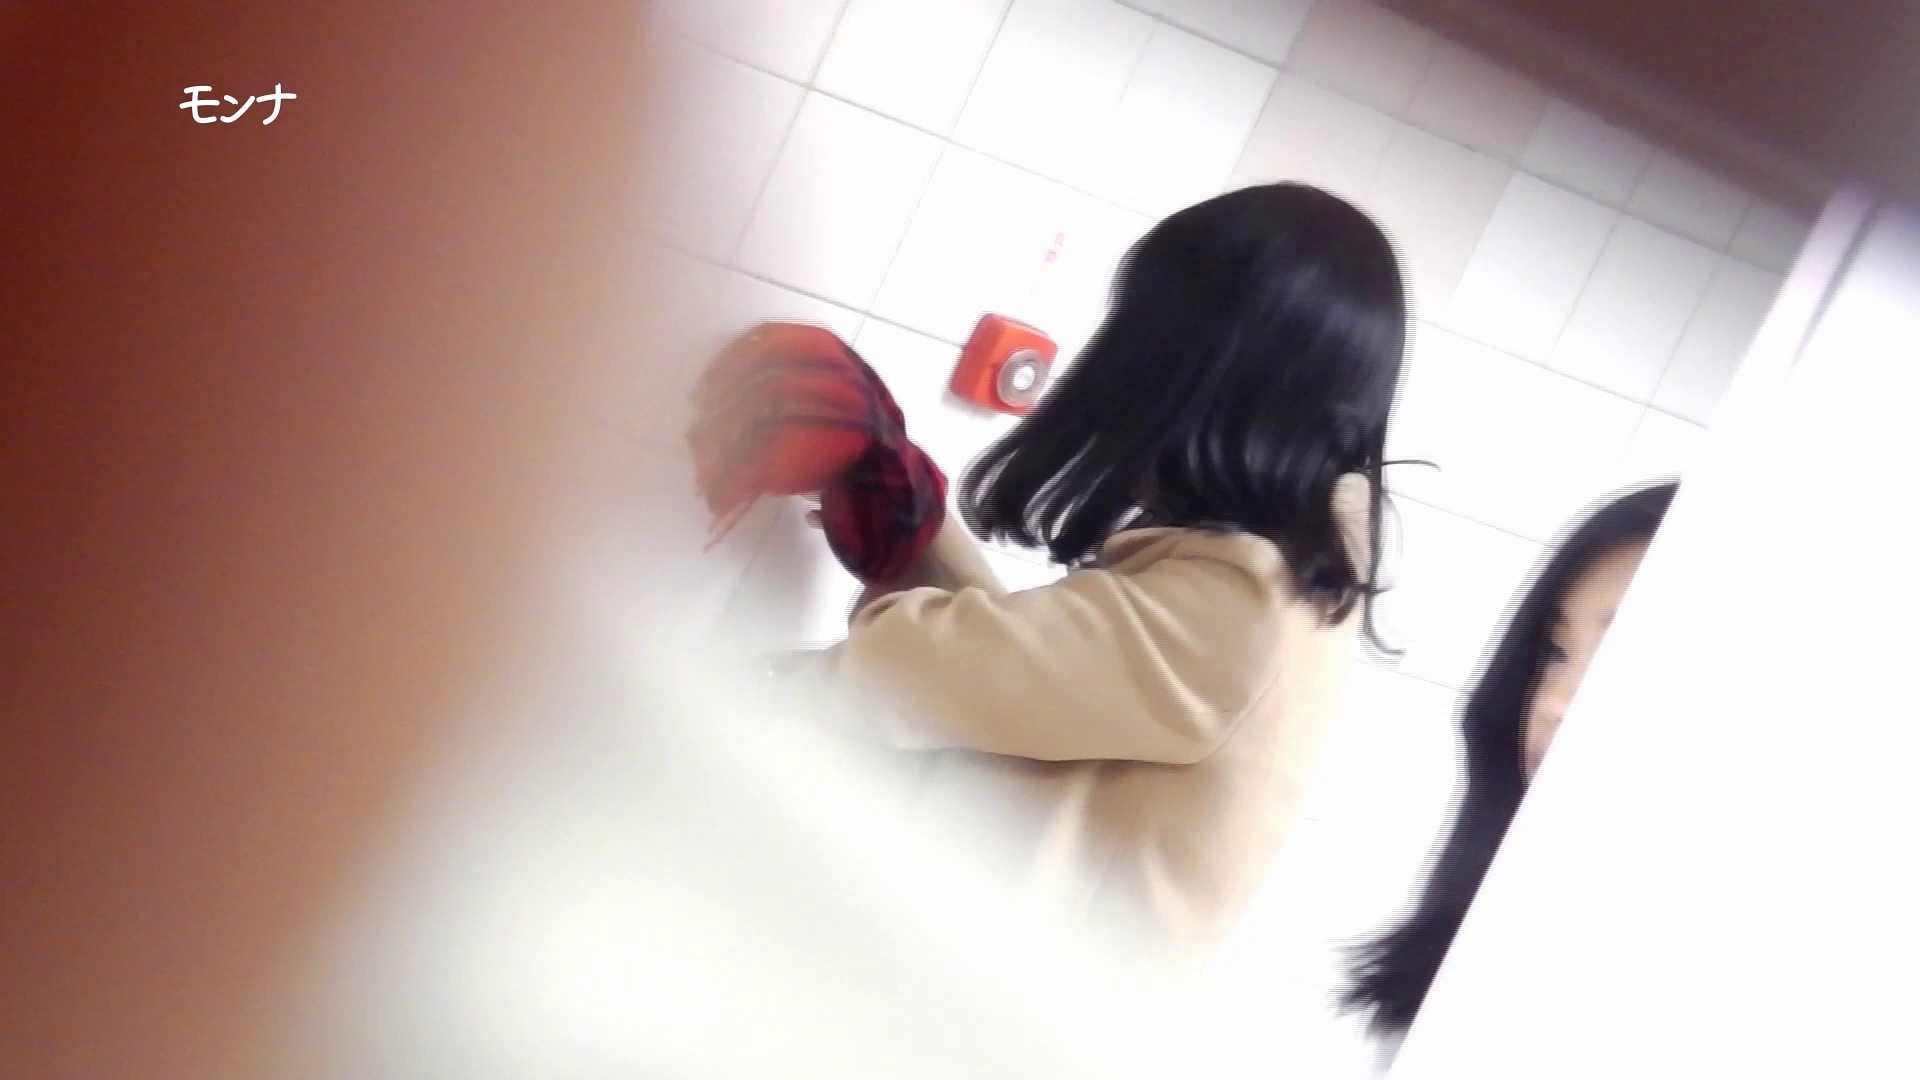 盗撮おまんこ 美しい日本の未来 No.42 初の冬バージョン!現場の苦労とモンナの執念 怪盗ジョーカー